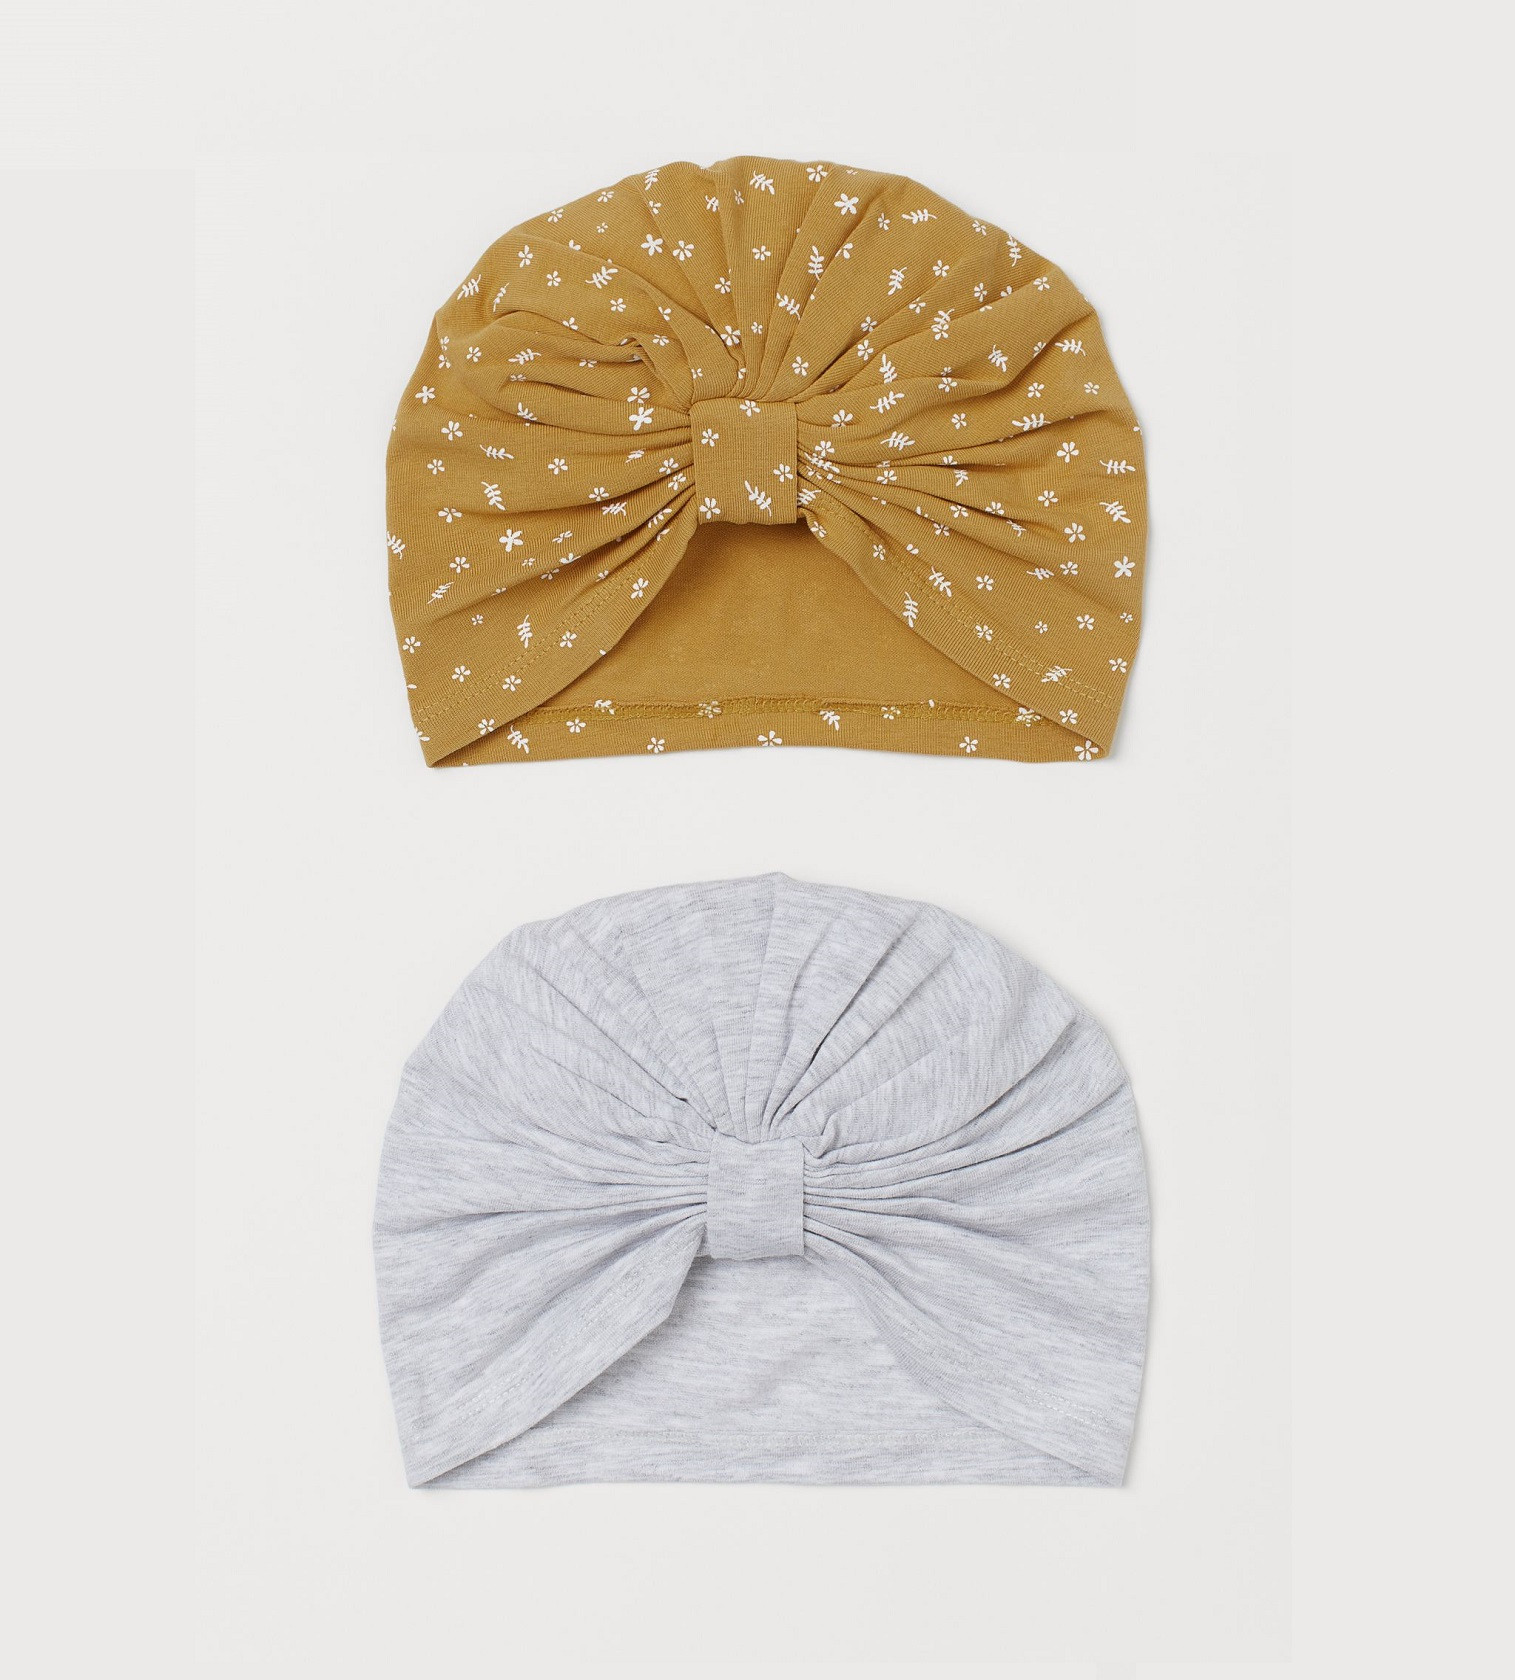 Купити Набір тюрбанів H&M 2-pack cotton turbans: Yellow/Floral - фото 1